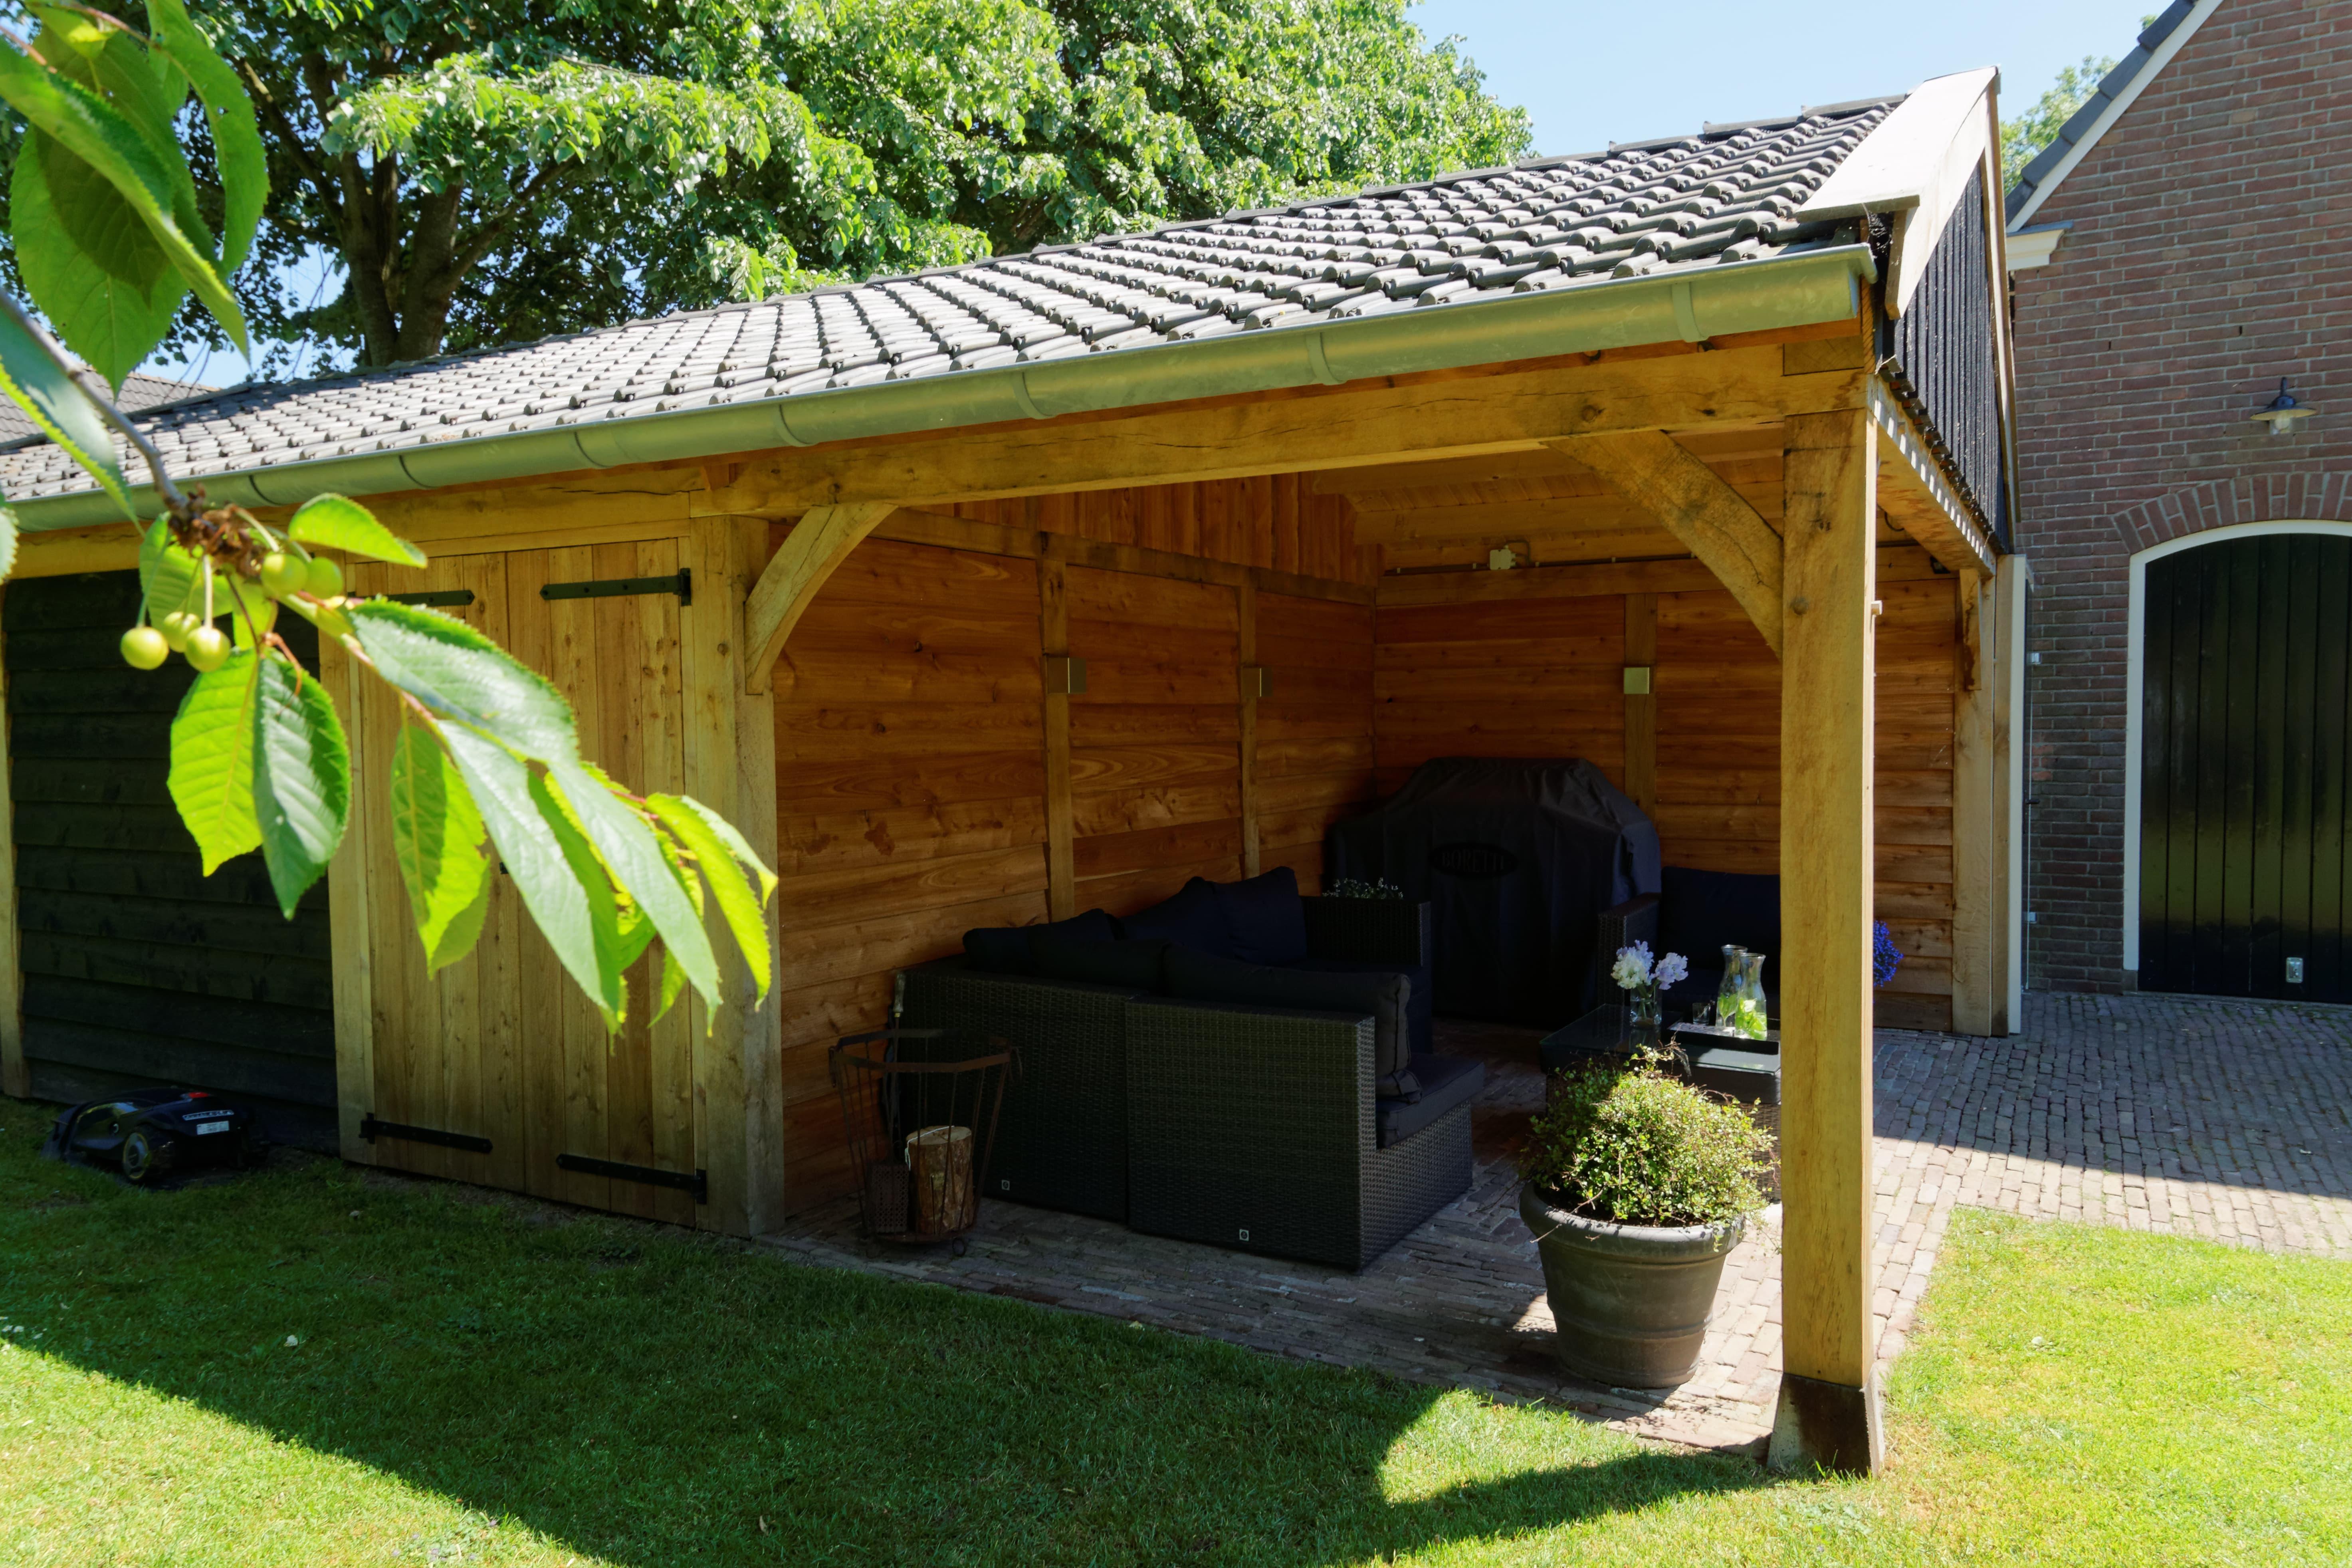 houten-kapschuur-met-overkapping-2 - Project: Meppel houten kapschuur met carport